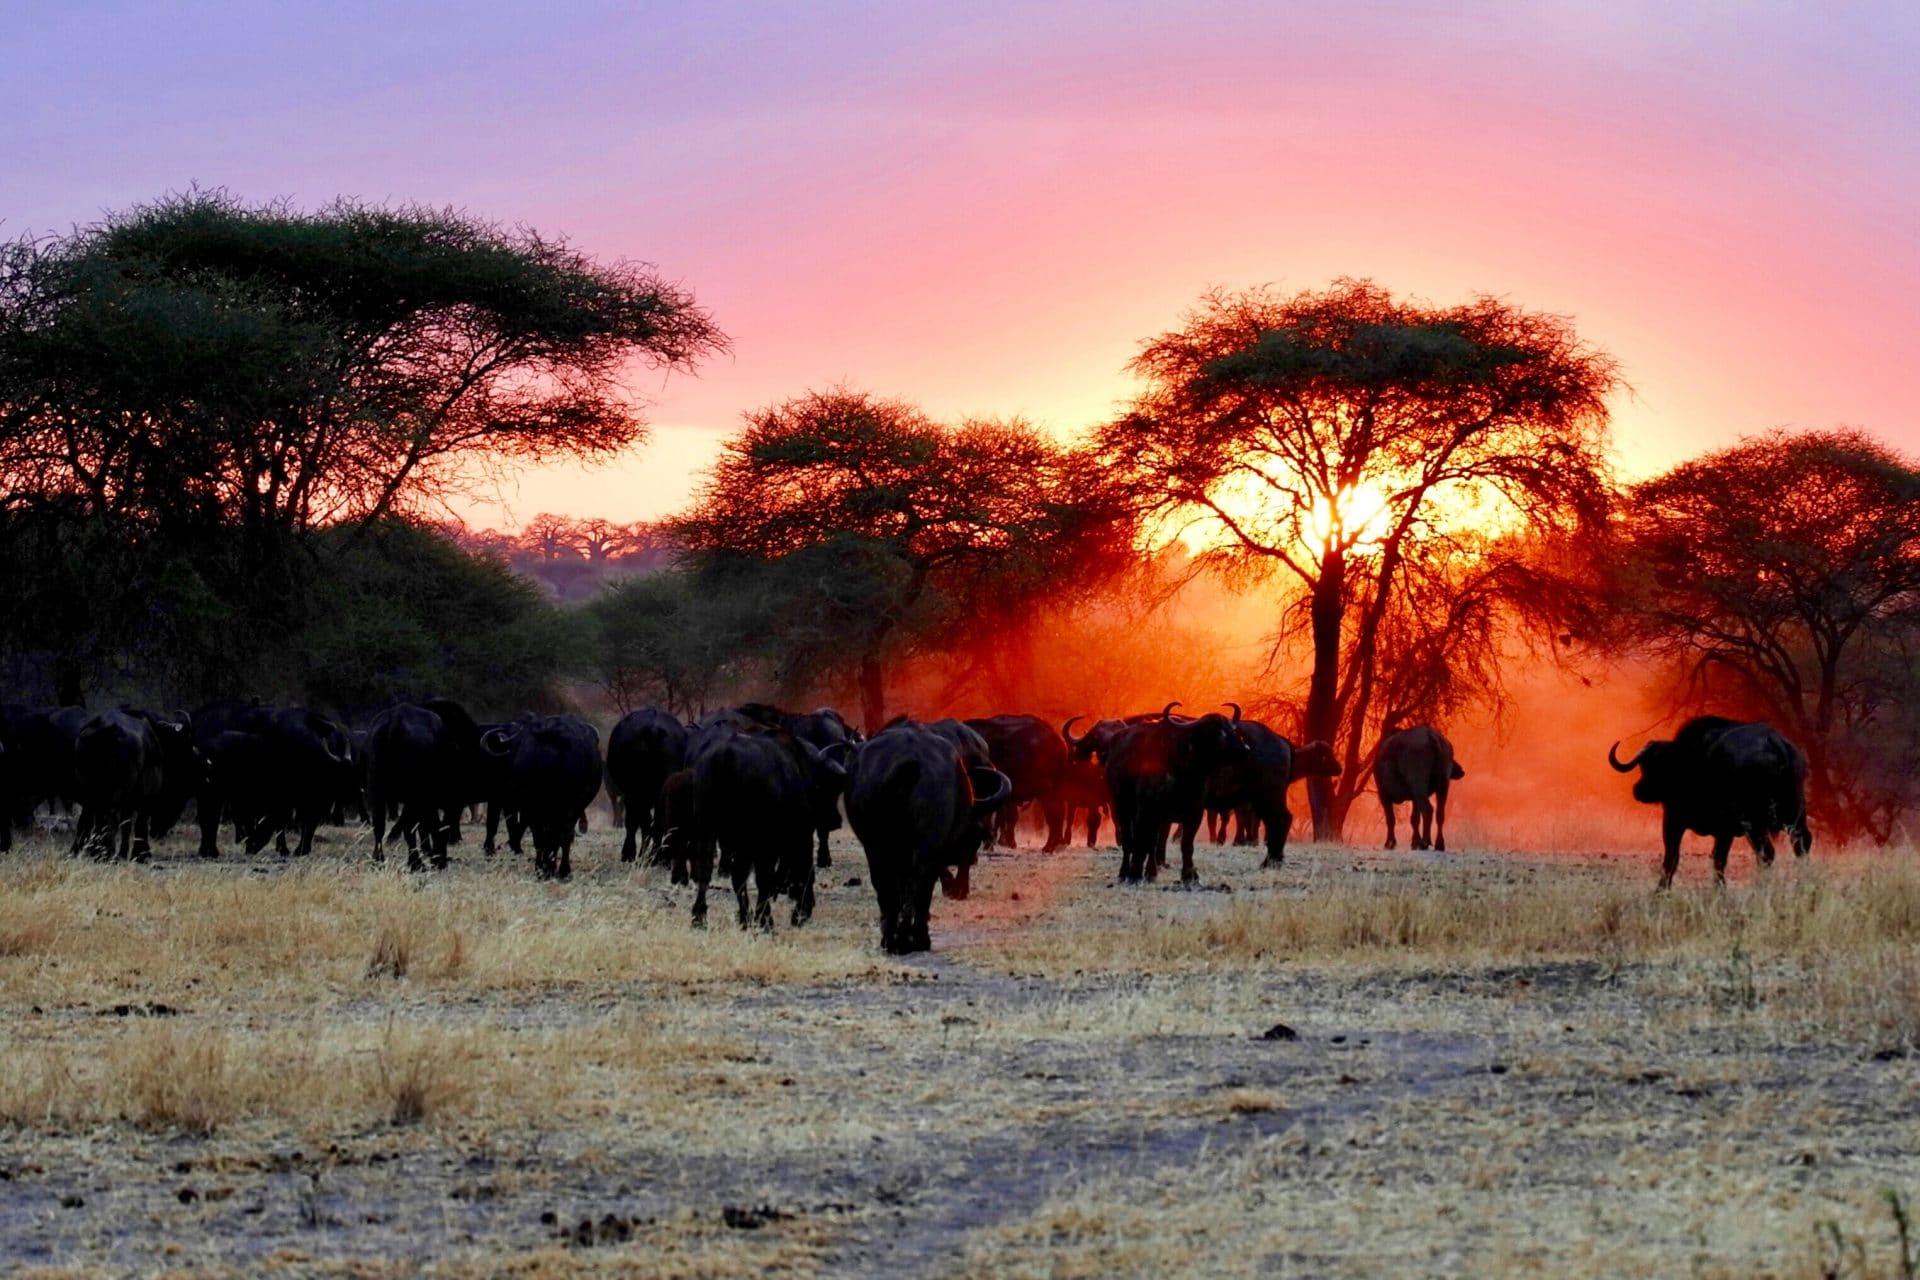 Safari in Tanzania, Africa